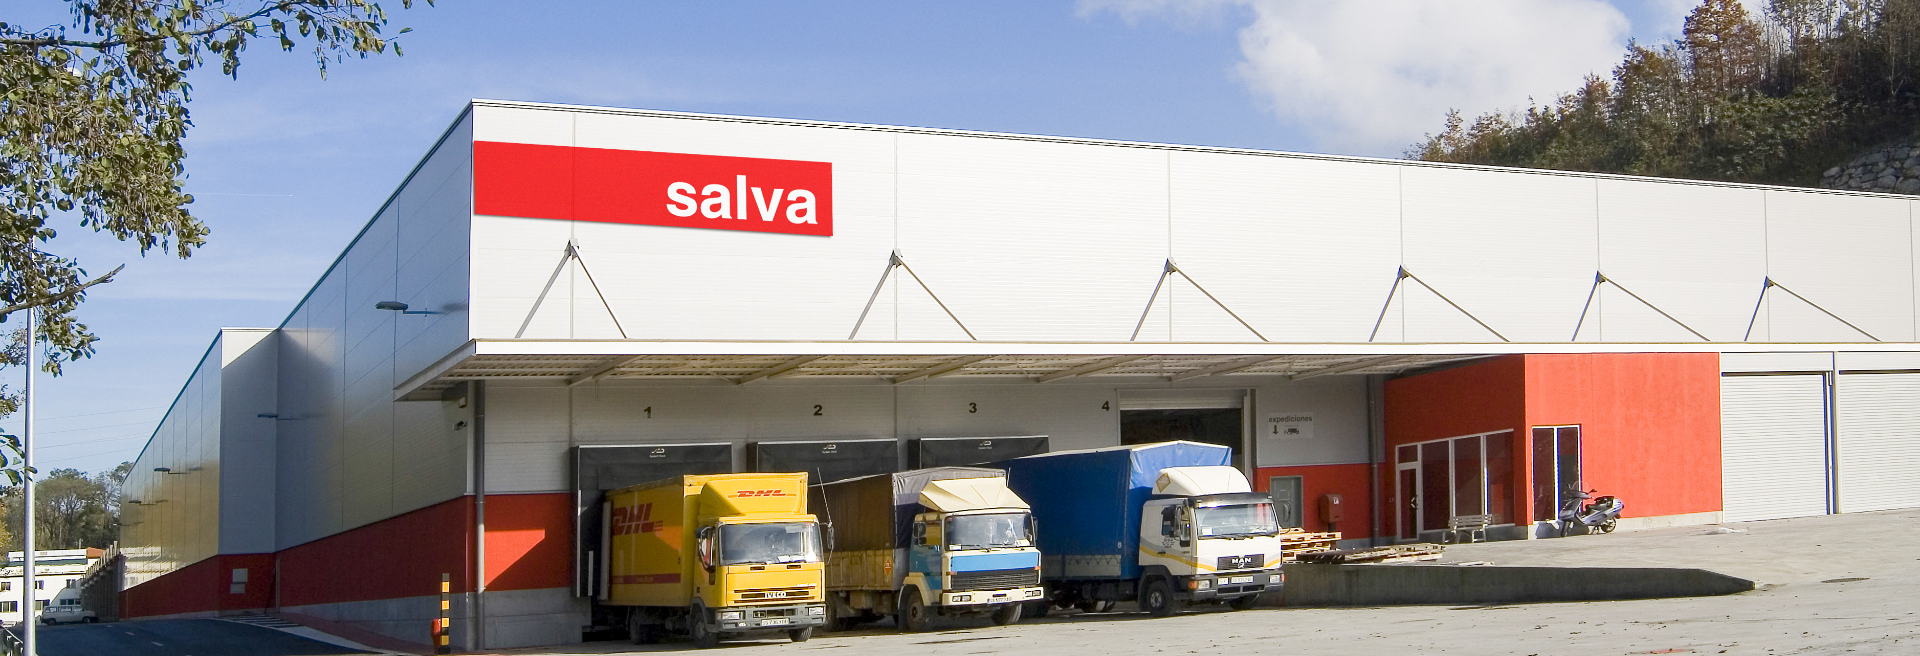 Salva Brand Image